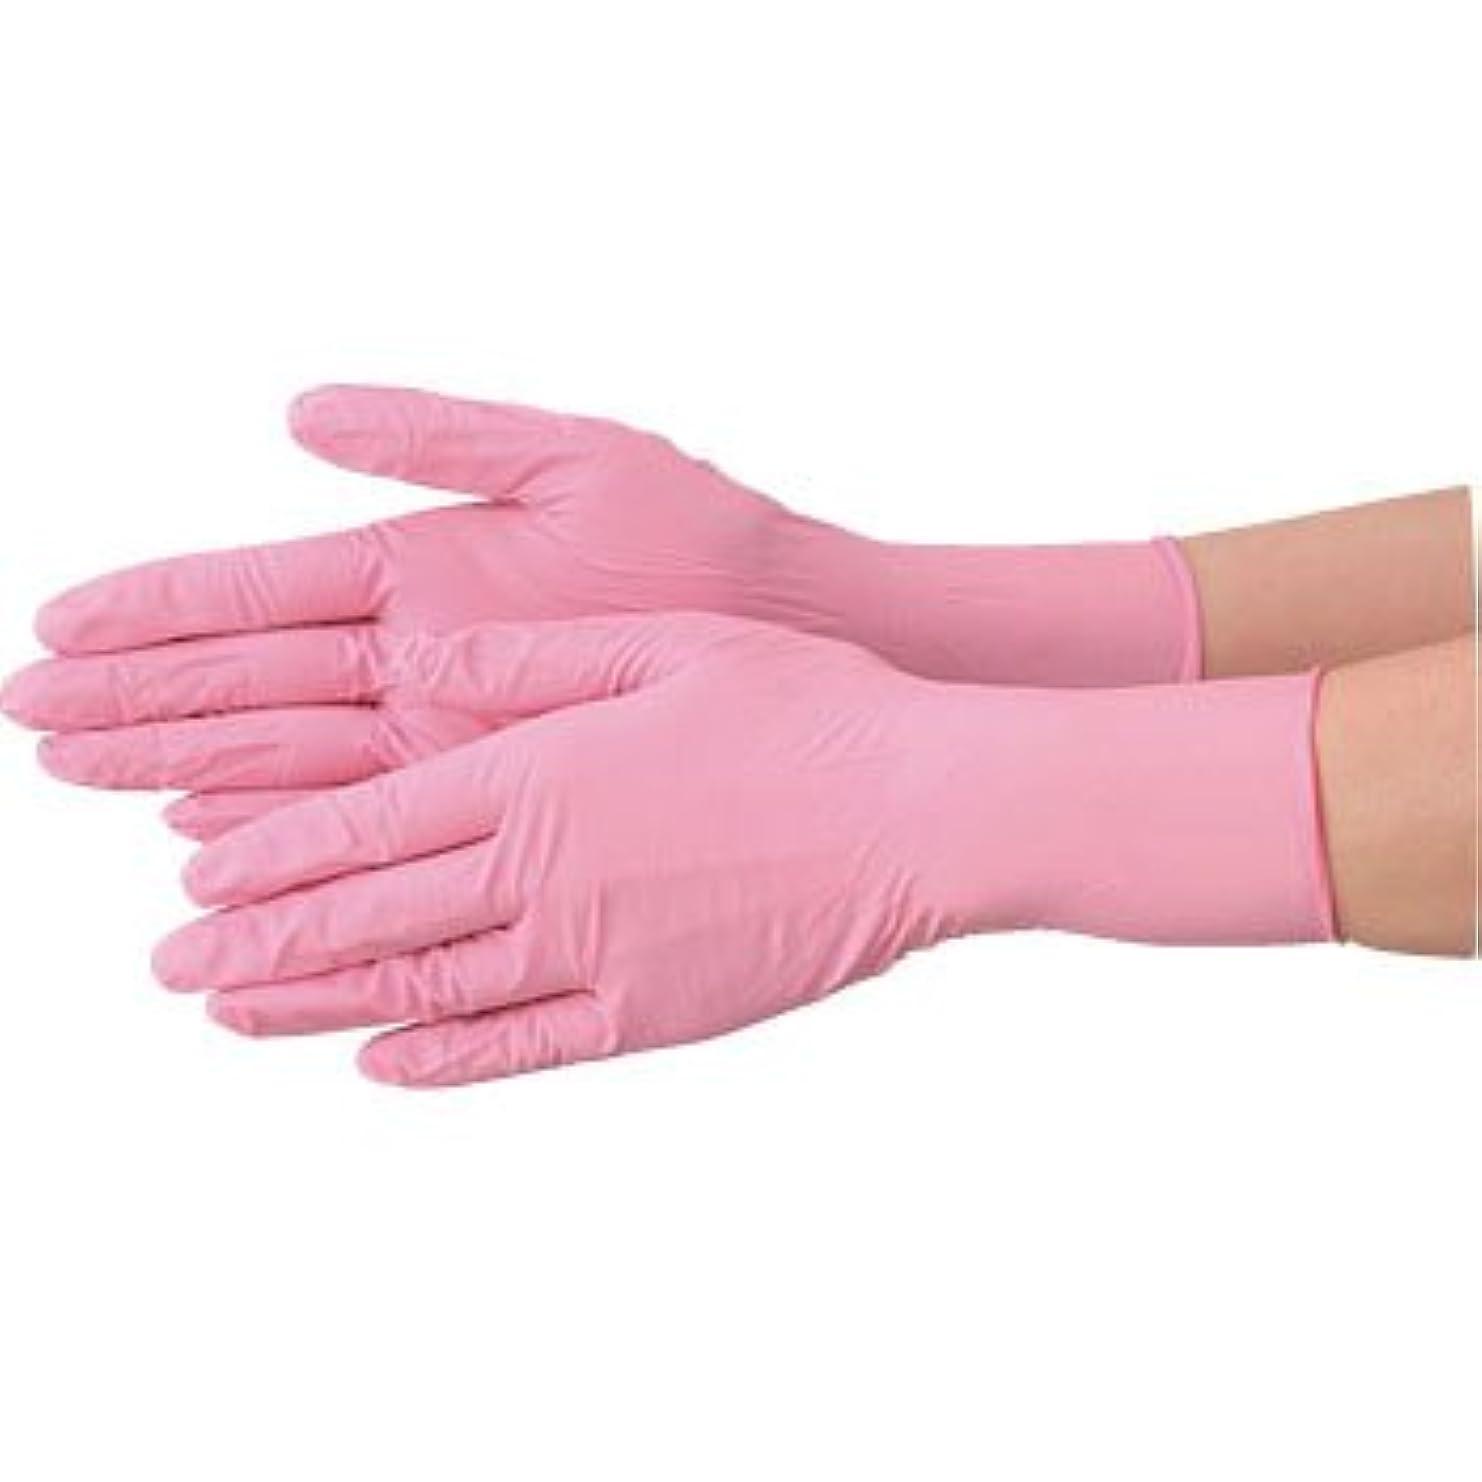 アンティーク恐怖症束ねる使い捨て 手袋 エブノ 570 ニトリル ピンク Mサイズ パウダーフリー 2ケース(100枚×60箱)